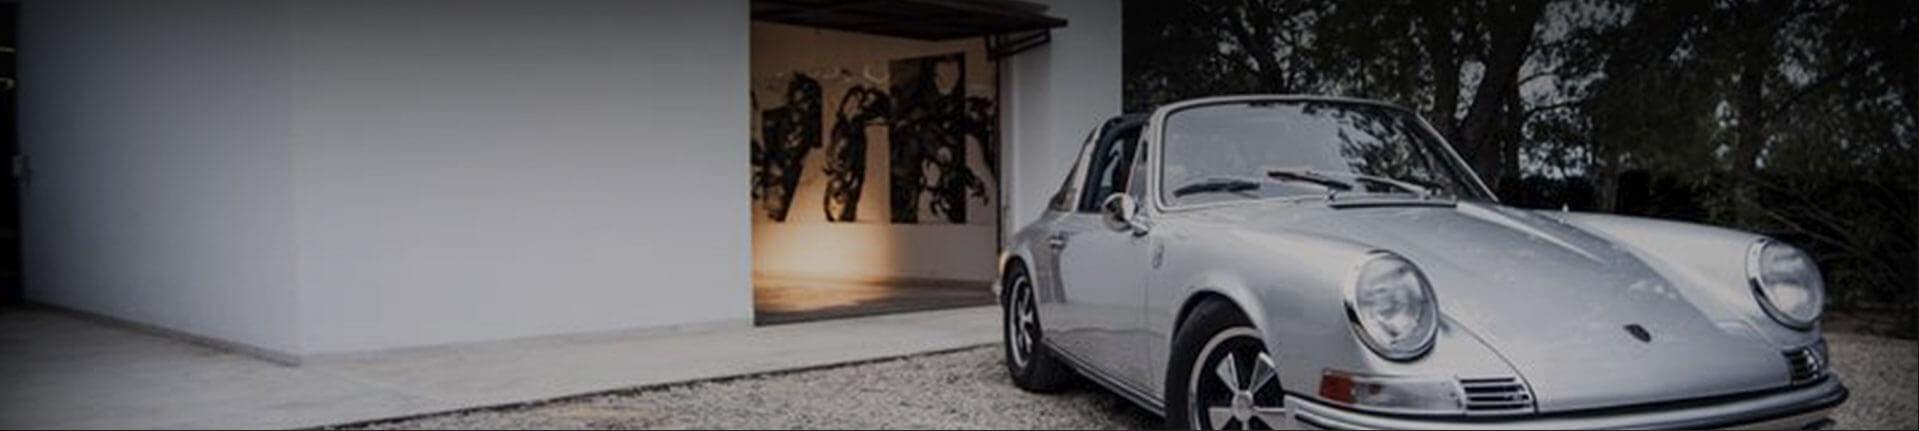 taller-coches-clasicos-alicante-talleres-astur